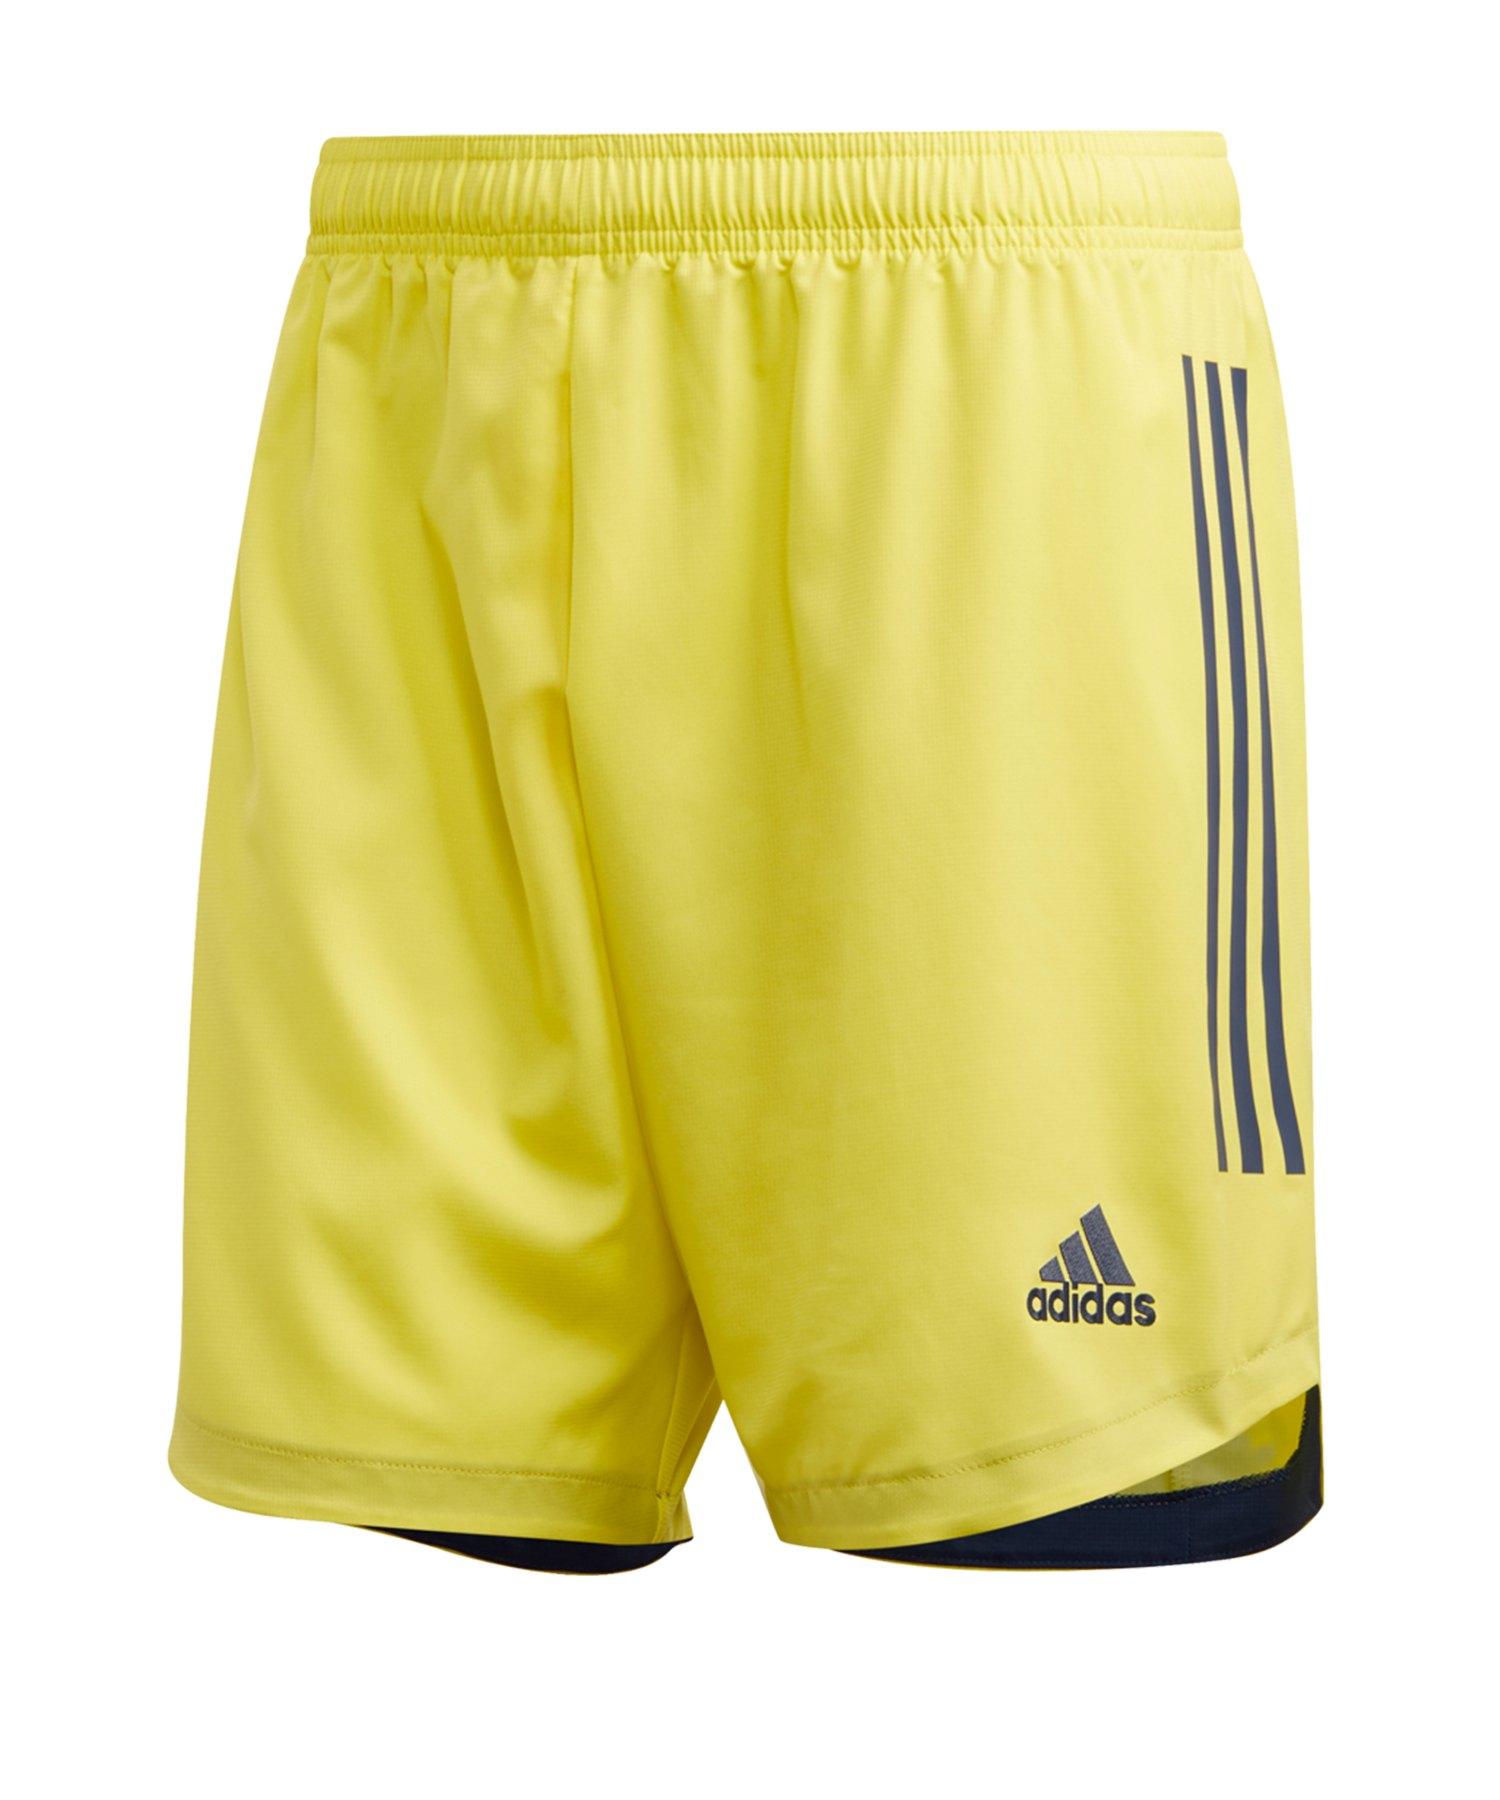 adidas Condivo 20 Short Gelb Schwarz - gelb